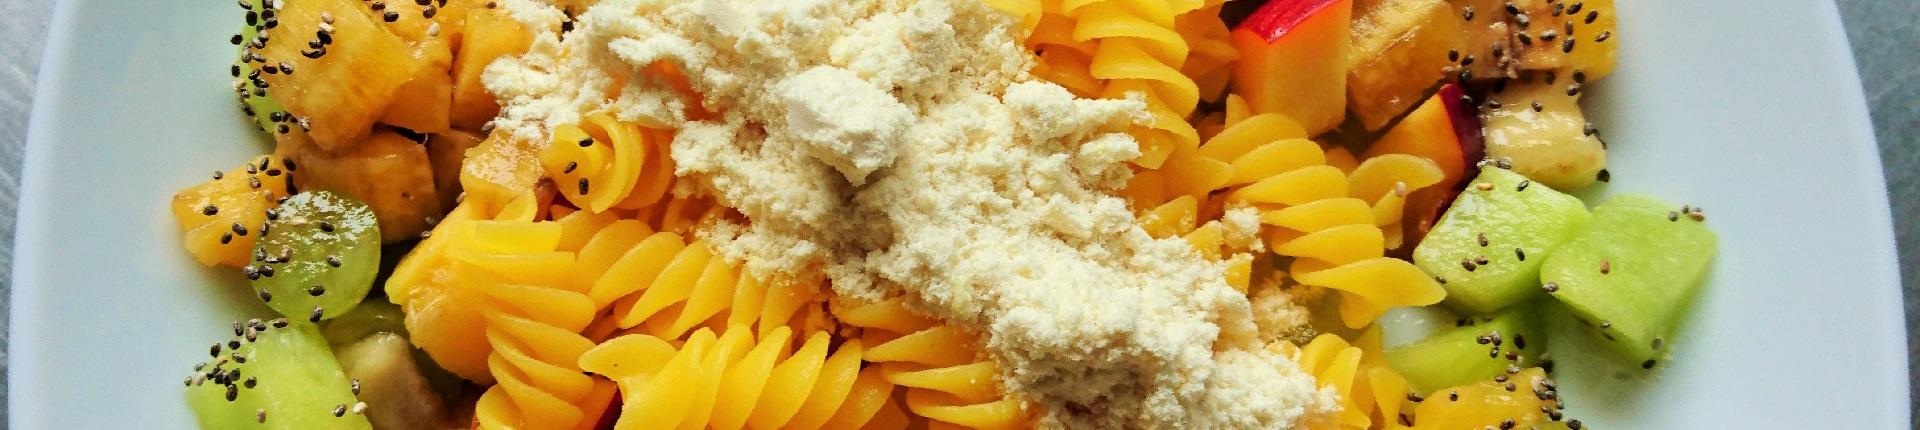 Bezglutenowy makaron z owocami i odżywką białkową